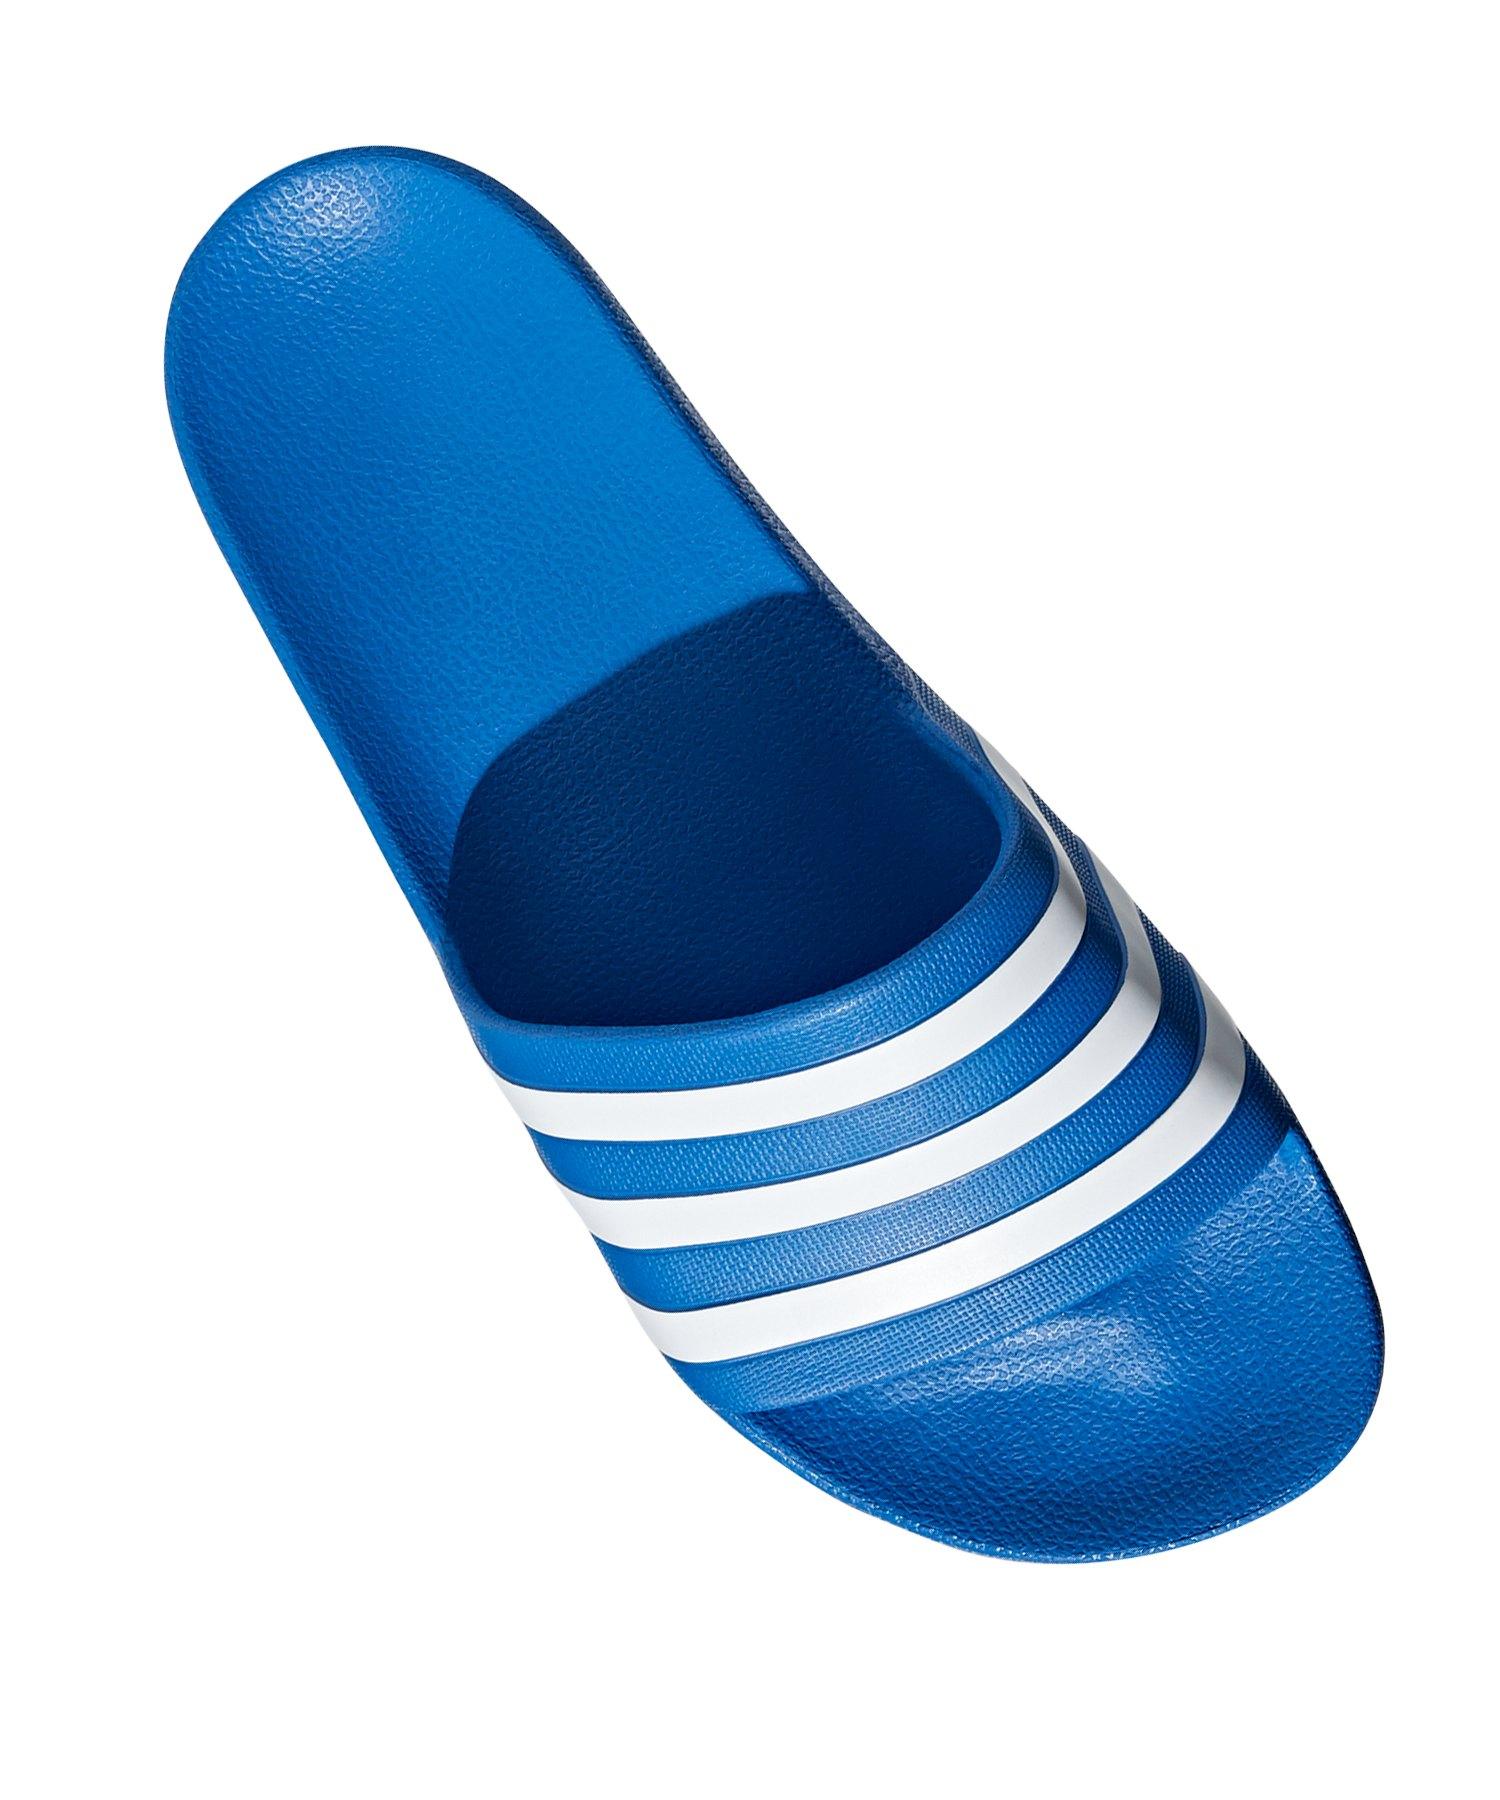 Adidas Adidas Badelatsche Hellblau Badelatsche Hellblau Aqua Adilette Adidas Adilette Aqua BodeCx